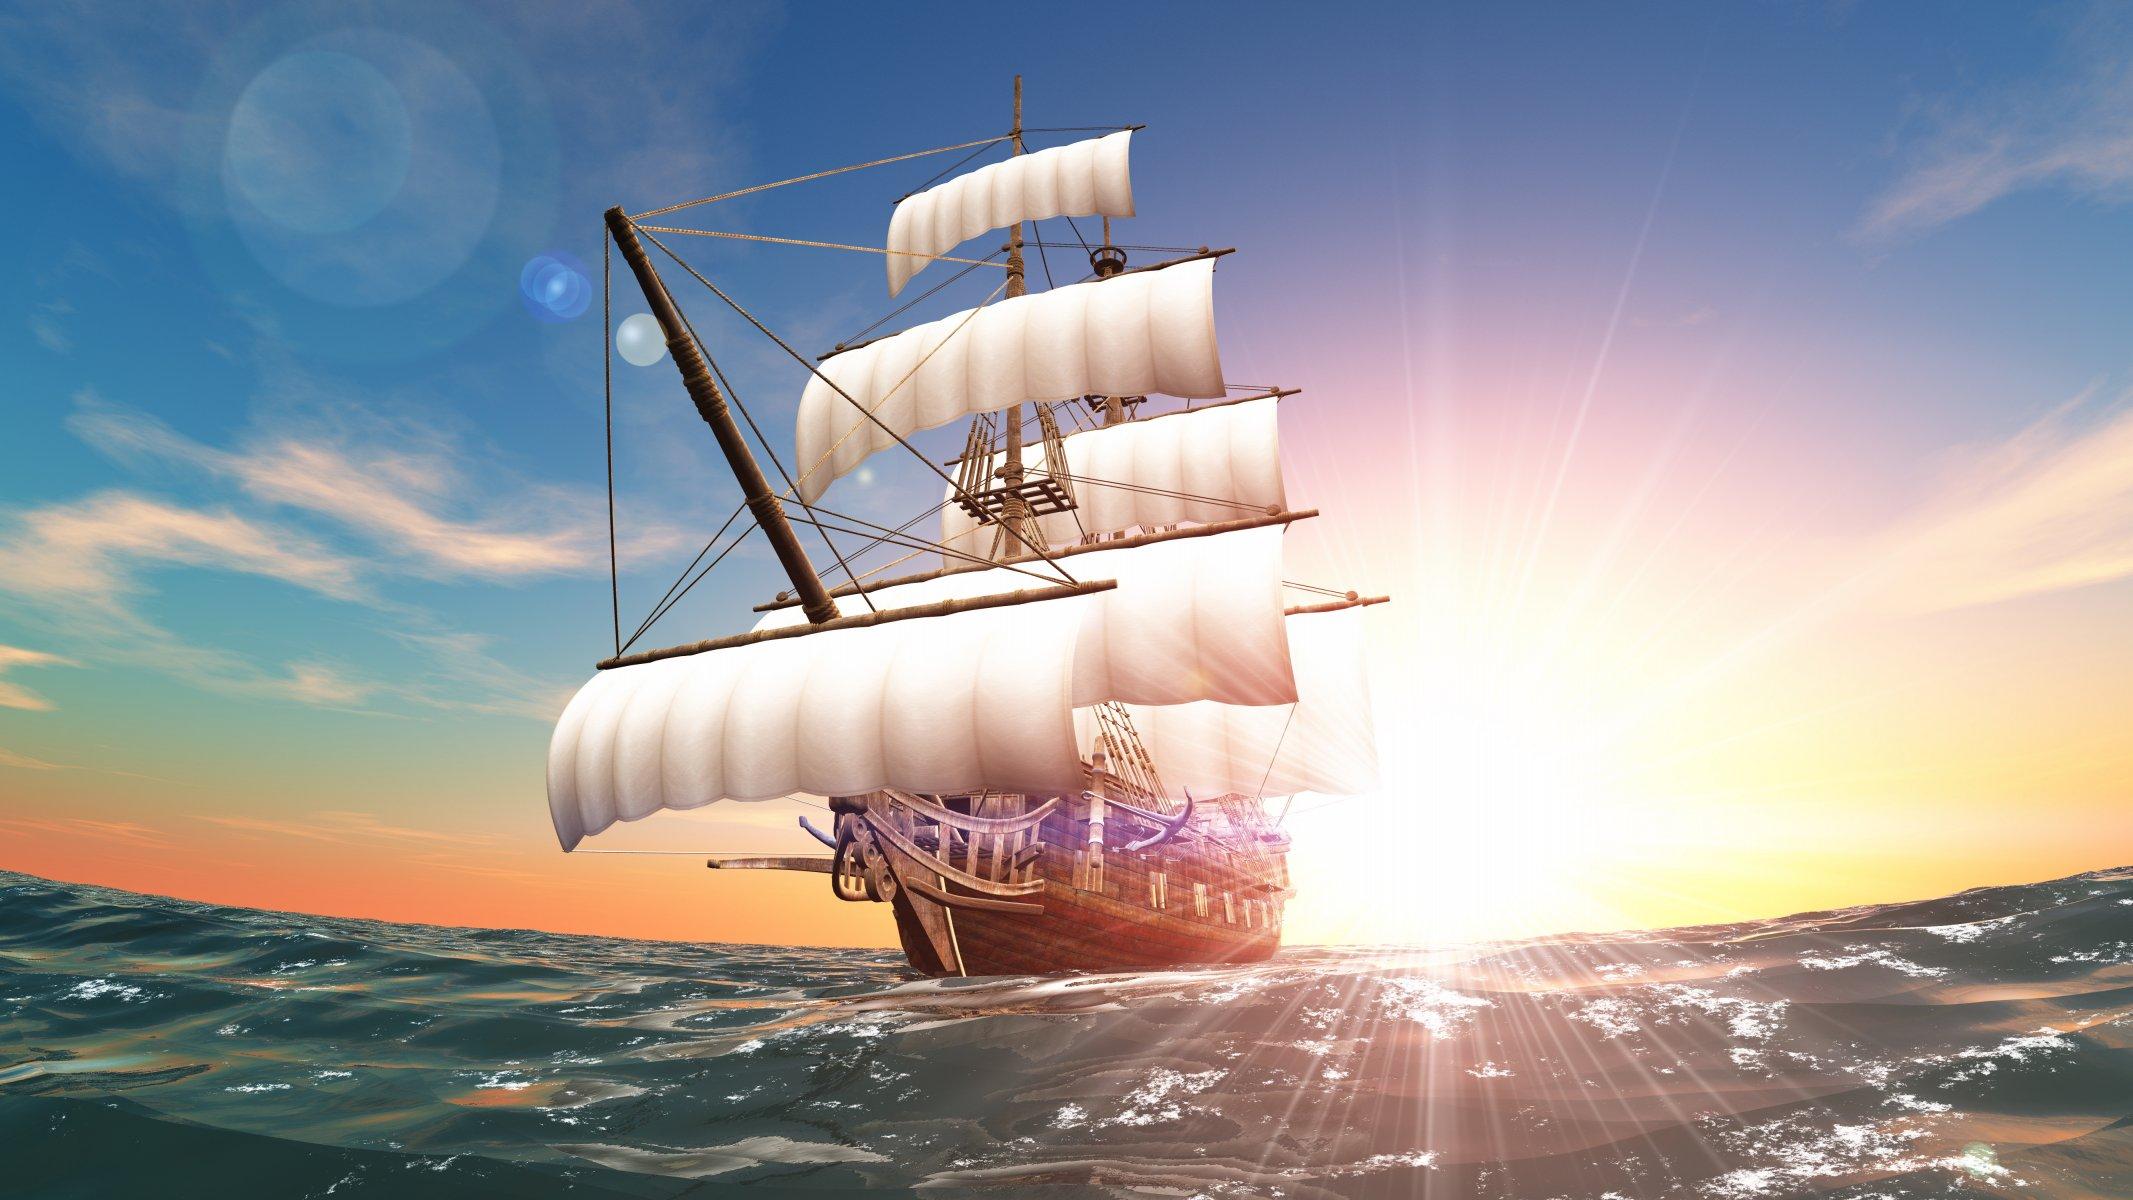 Обои паруса, корабль. Разное foto 13